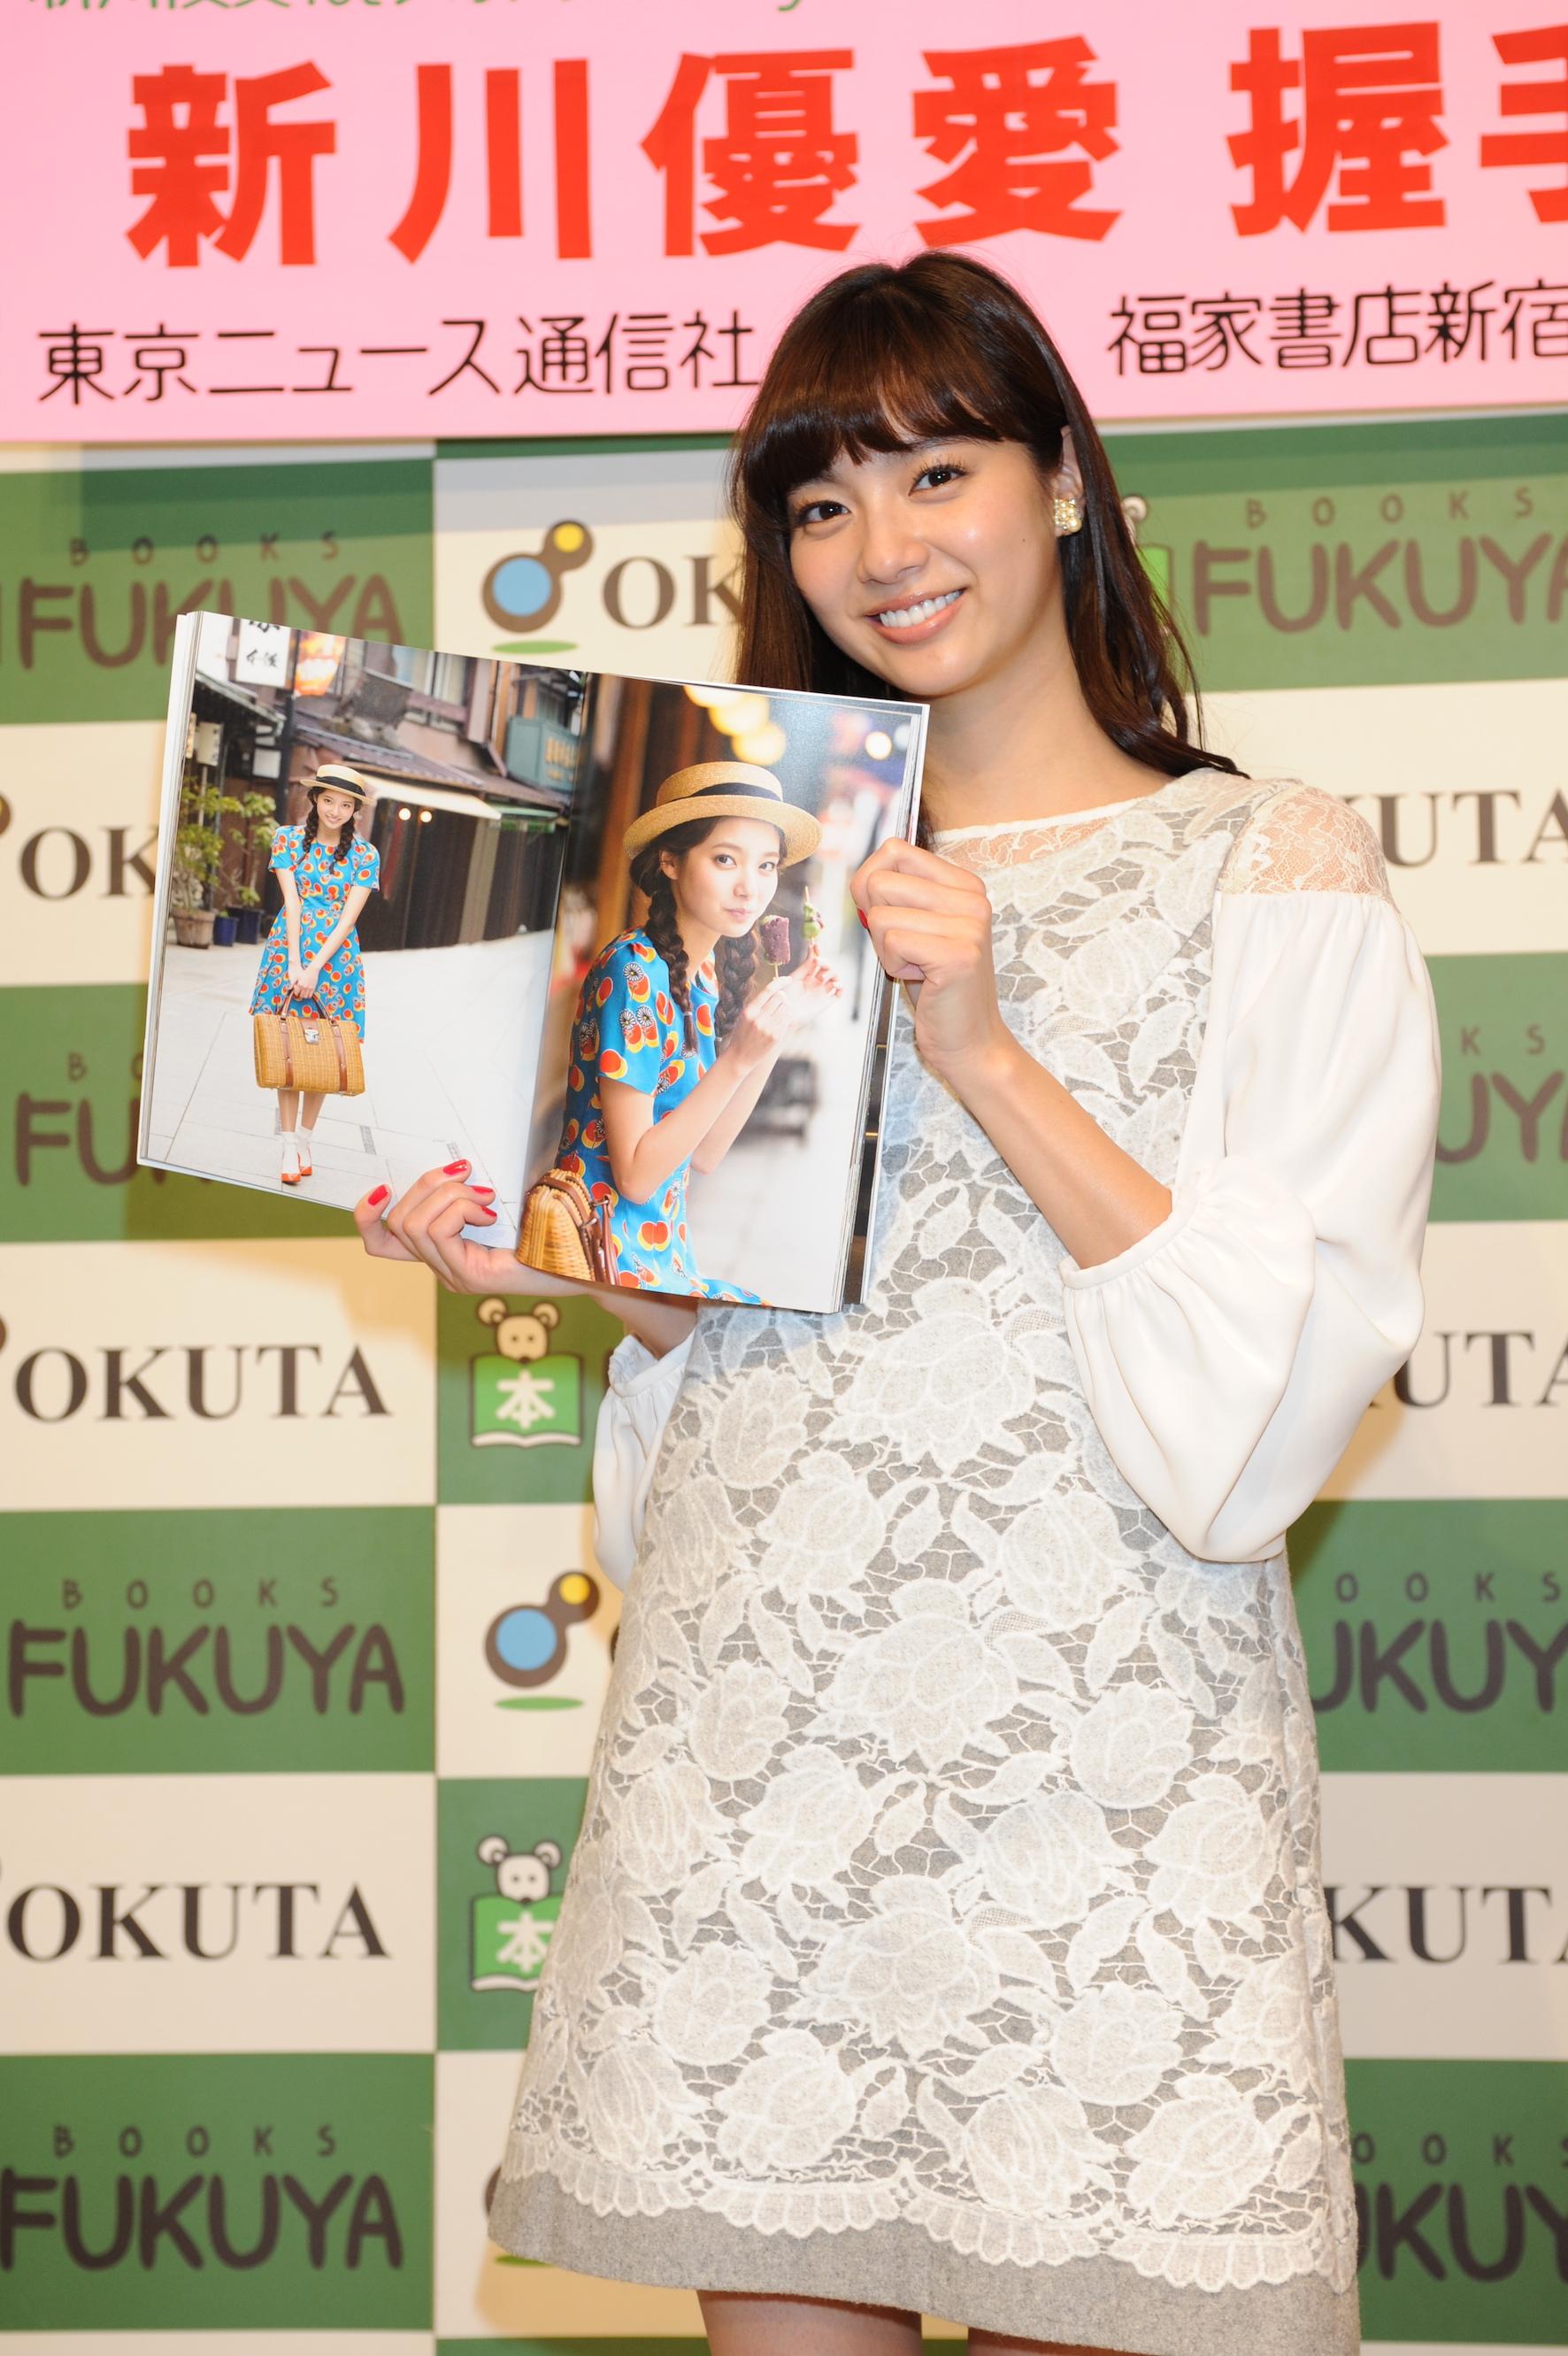 20161107_shikawayua_news_tokou